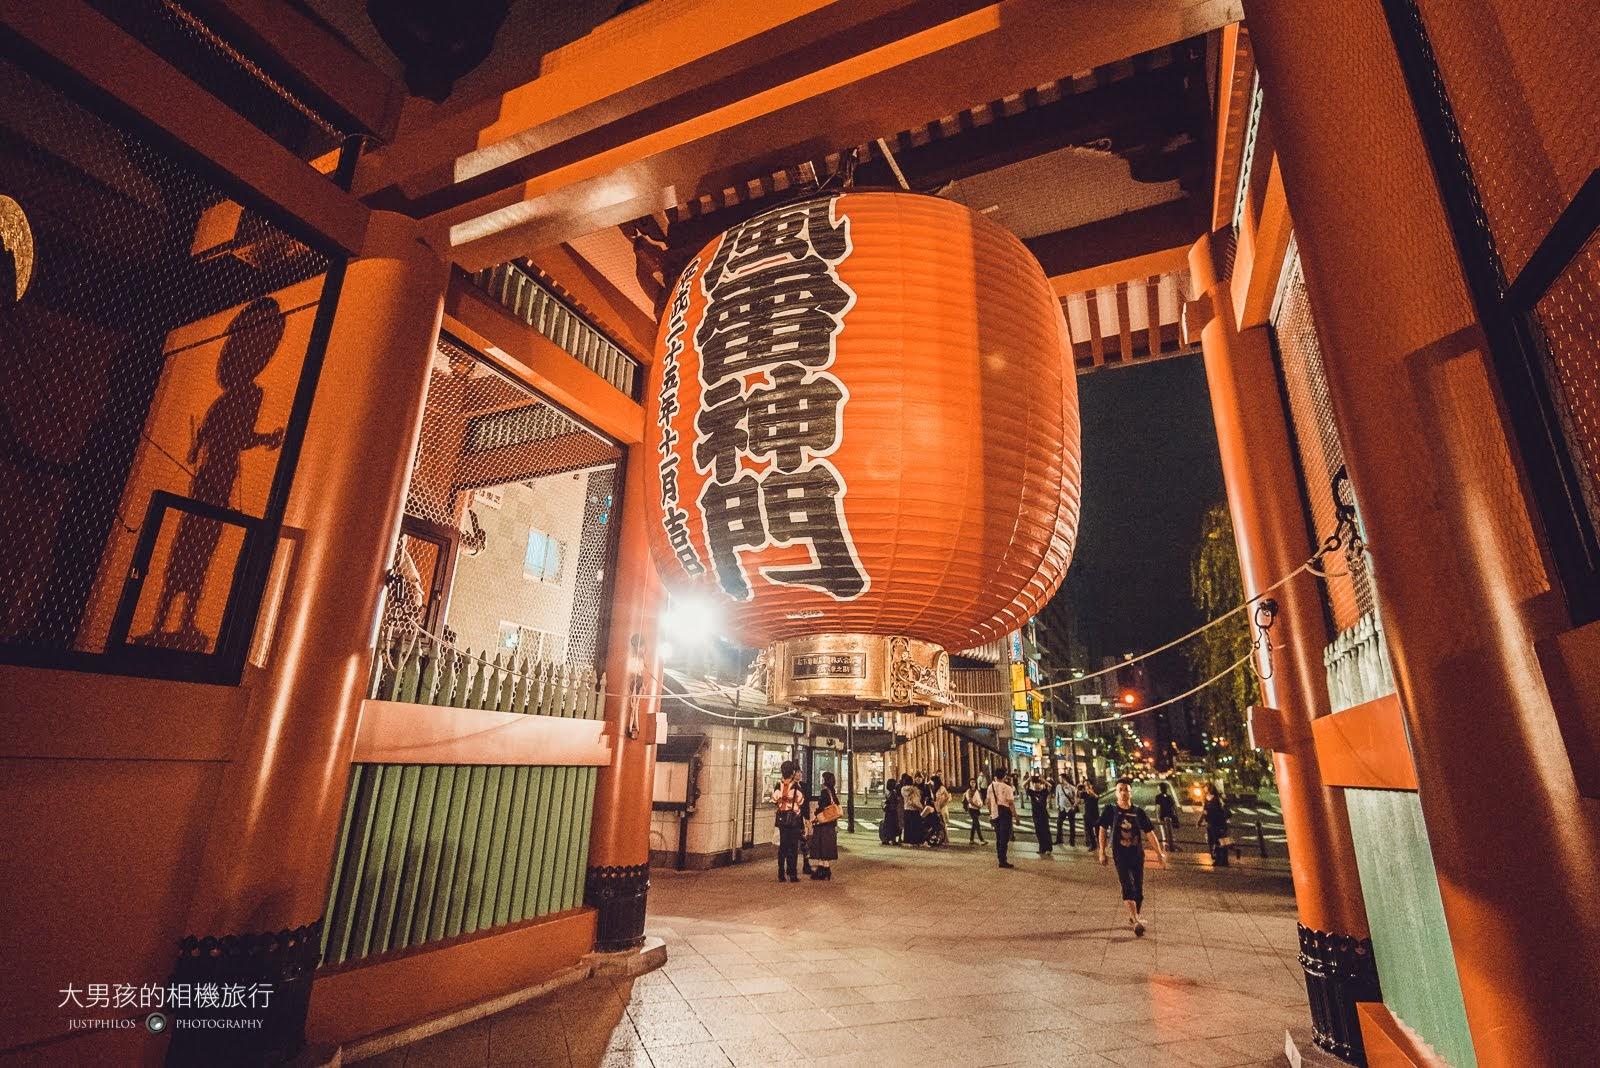 淺草寺最有名的「雷門」紅燈籠,在夜晚一樣相當引人注目。